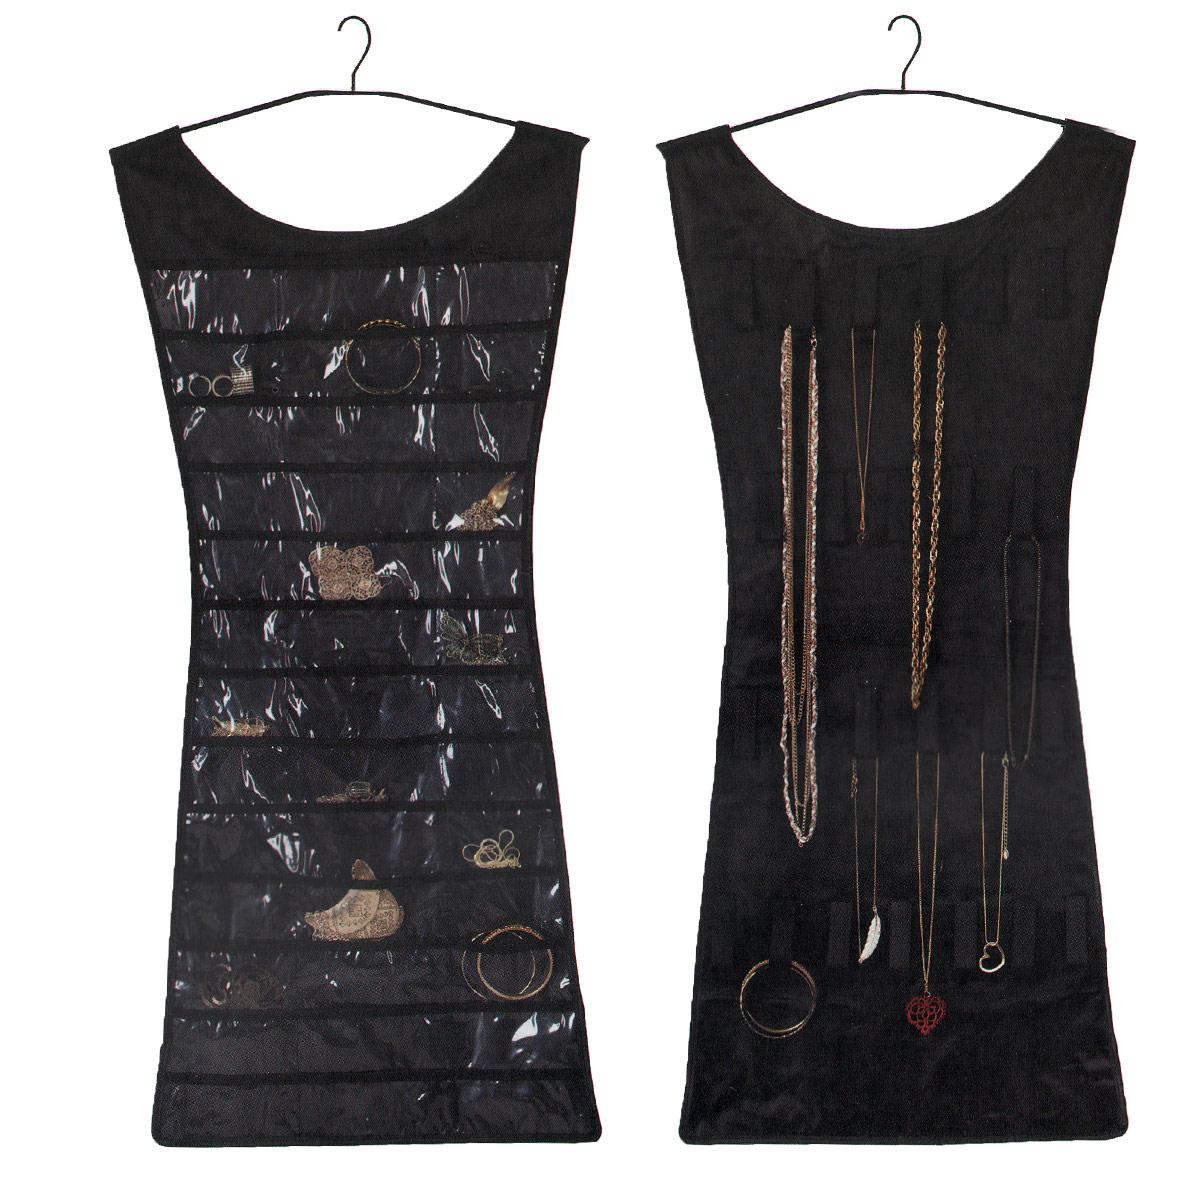 Органайзер для украшений Umbra Little black dress, цвет: черный, 46,4 х 92 смБрелок для ключейОрганайзер Umbra Little black dress создан для всего, что есть в коллекции модницы: на одной стороне 24 петельки для бус, цепочек, браслетов, часов и массивных серег, на другой - 39 прозрачных кармана для мелких вещиц (кольца, клипсы, кулоны). Благодаря этой гениальной вещи вся бижутерия будет в порядке, а главное, не нужно искать понадобившуюся вещь - она всегда на виду. Еще одна удобная деталь: органайзер можно повесить прямо в шкаф, вешалка включена в комплект. Так что теперь, подбирая украшения к наряду, вы потратите меньше времени. Размер органайзера: 46,5 см х 107 см.